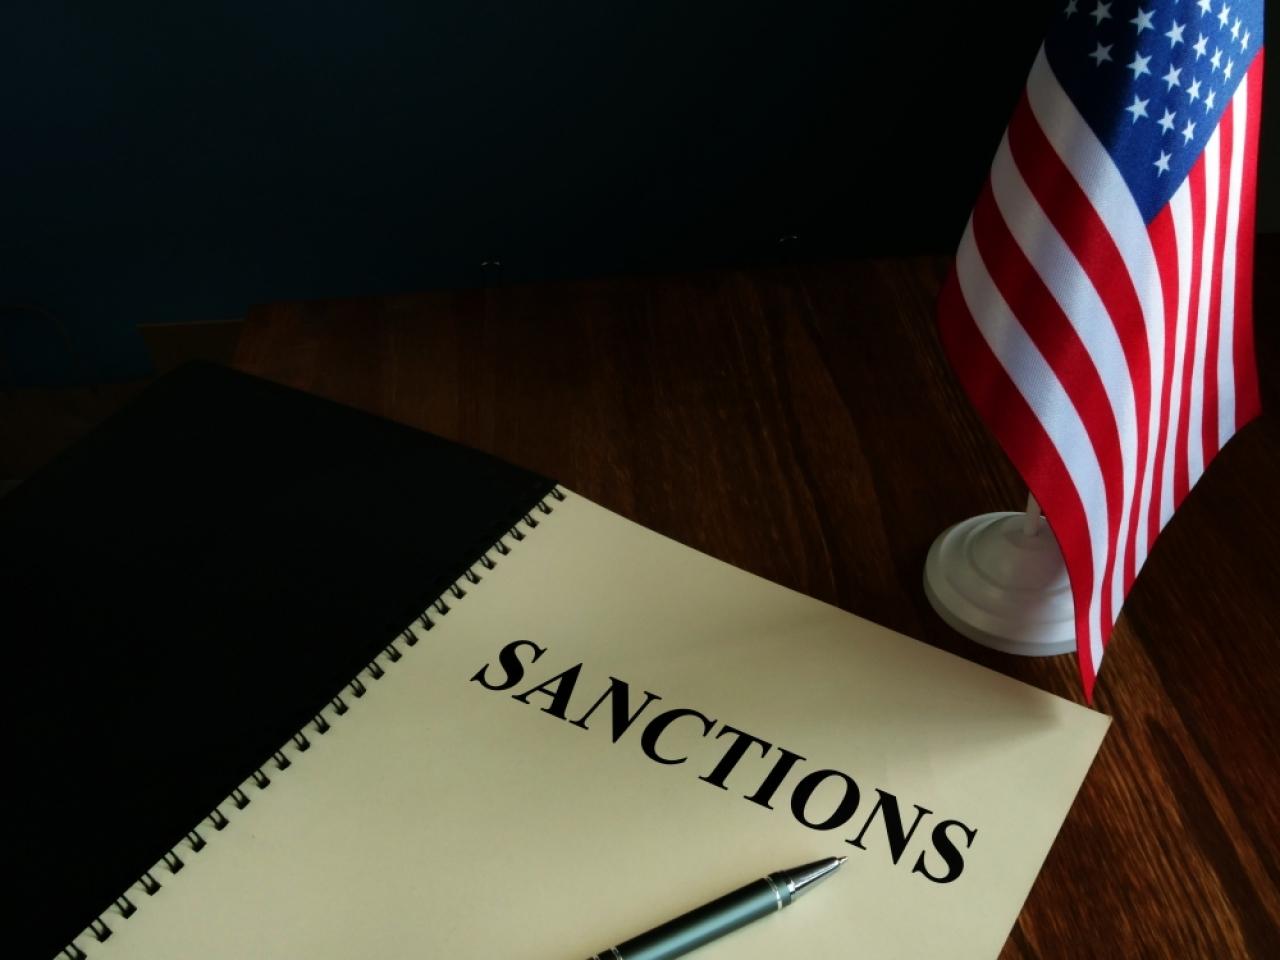 路透社報道,美國政府計劃制裁十多名中港官員,涉及取消多名香港民主派人士的議員資格。(Shutterstock)